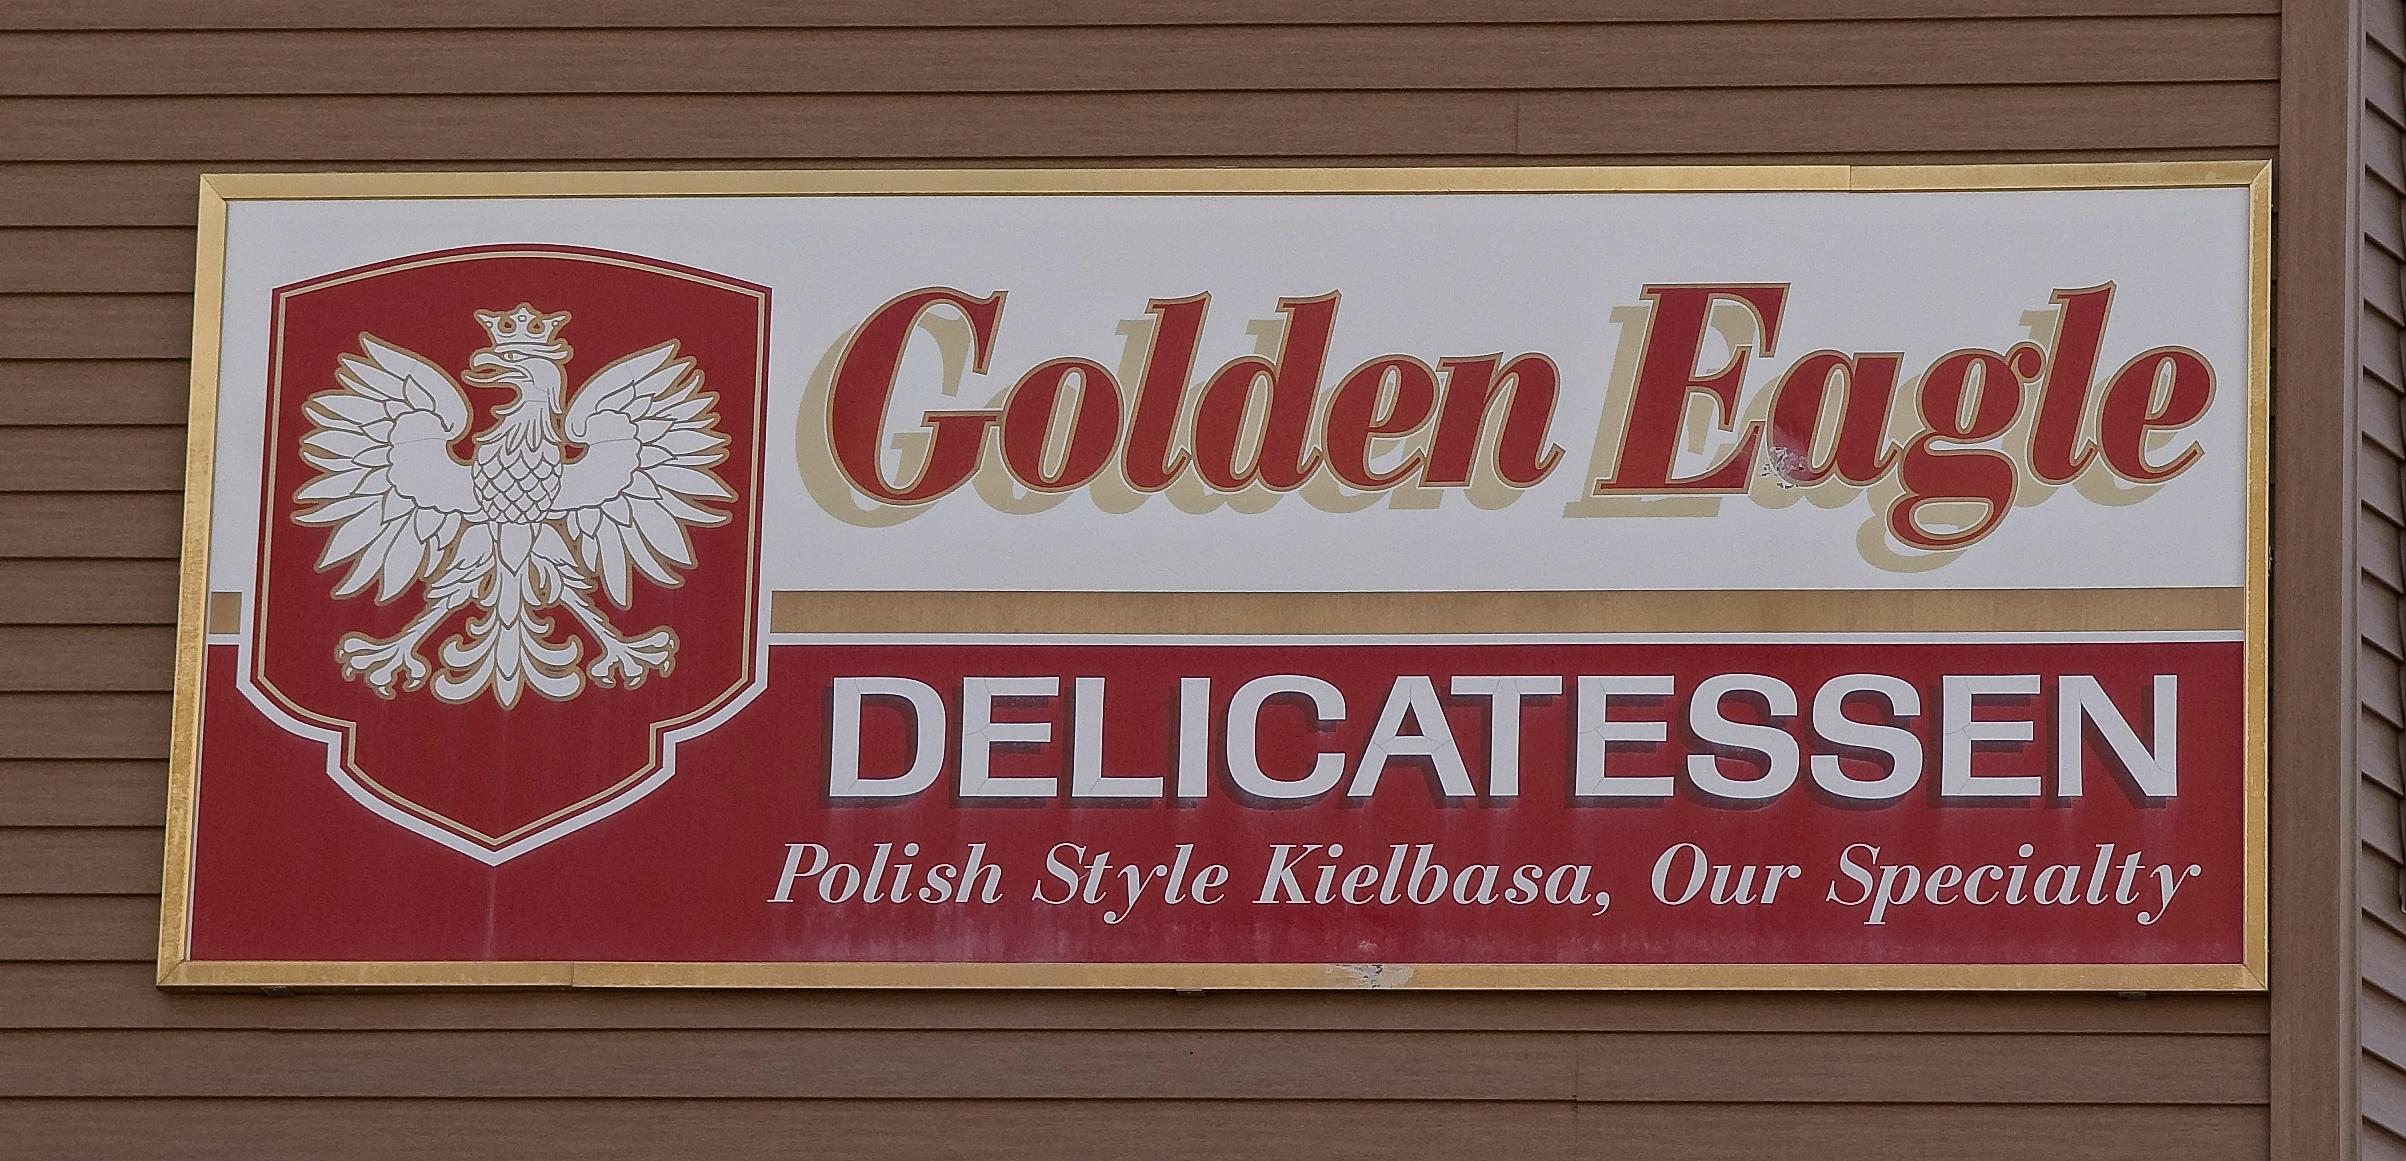 Golden Eagle Deli